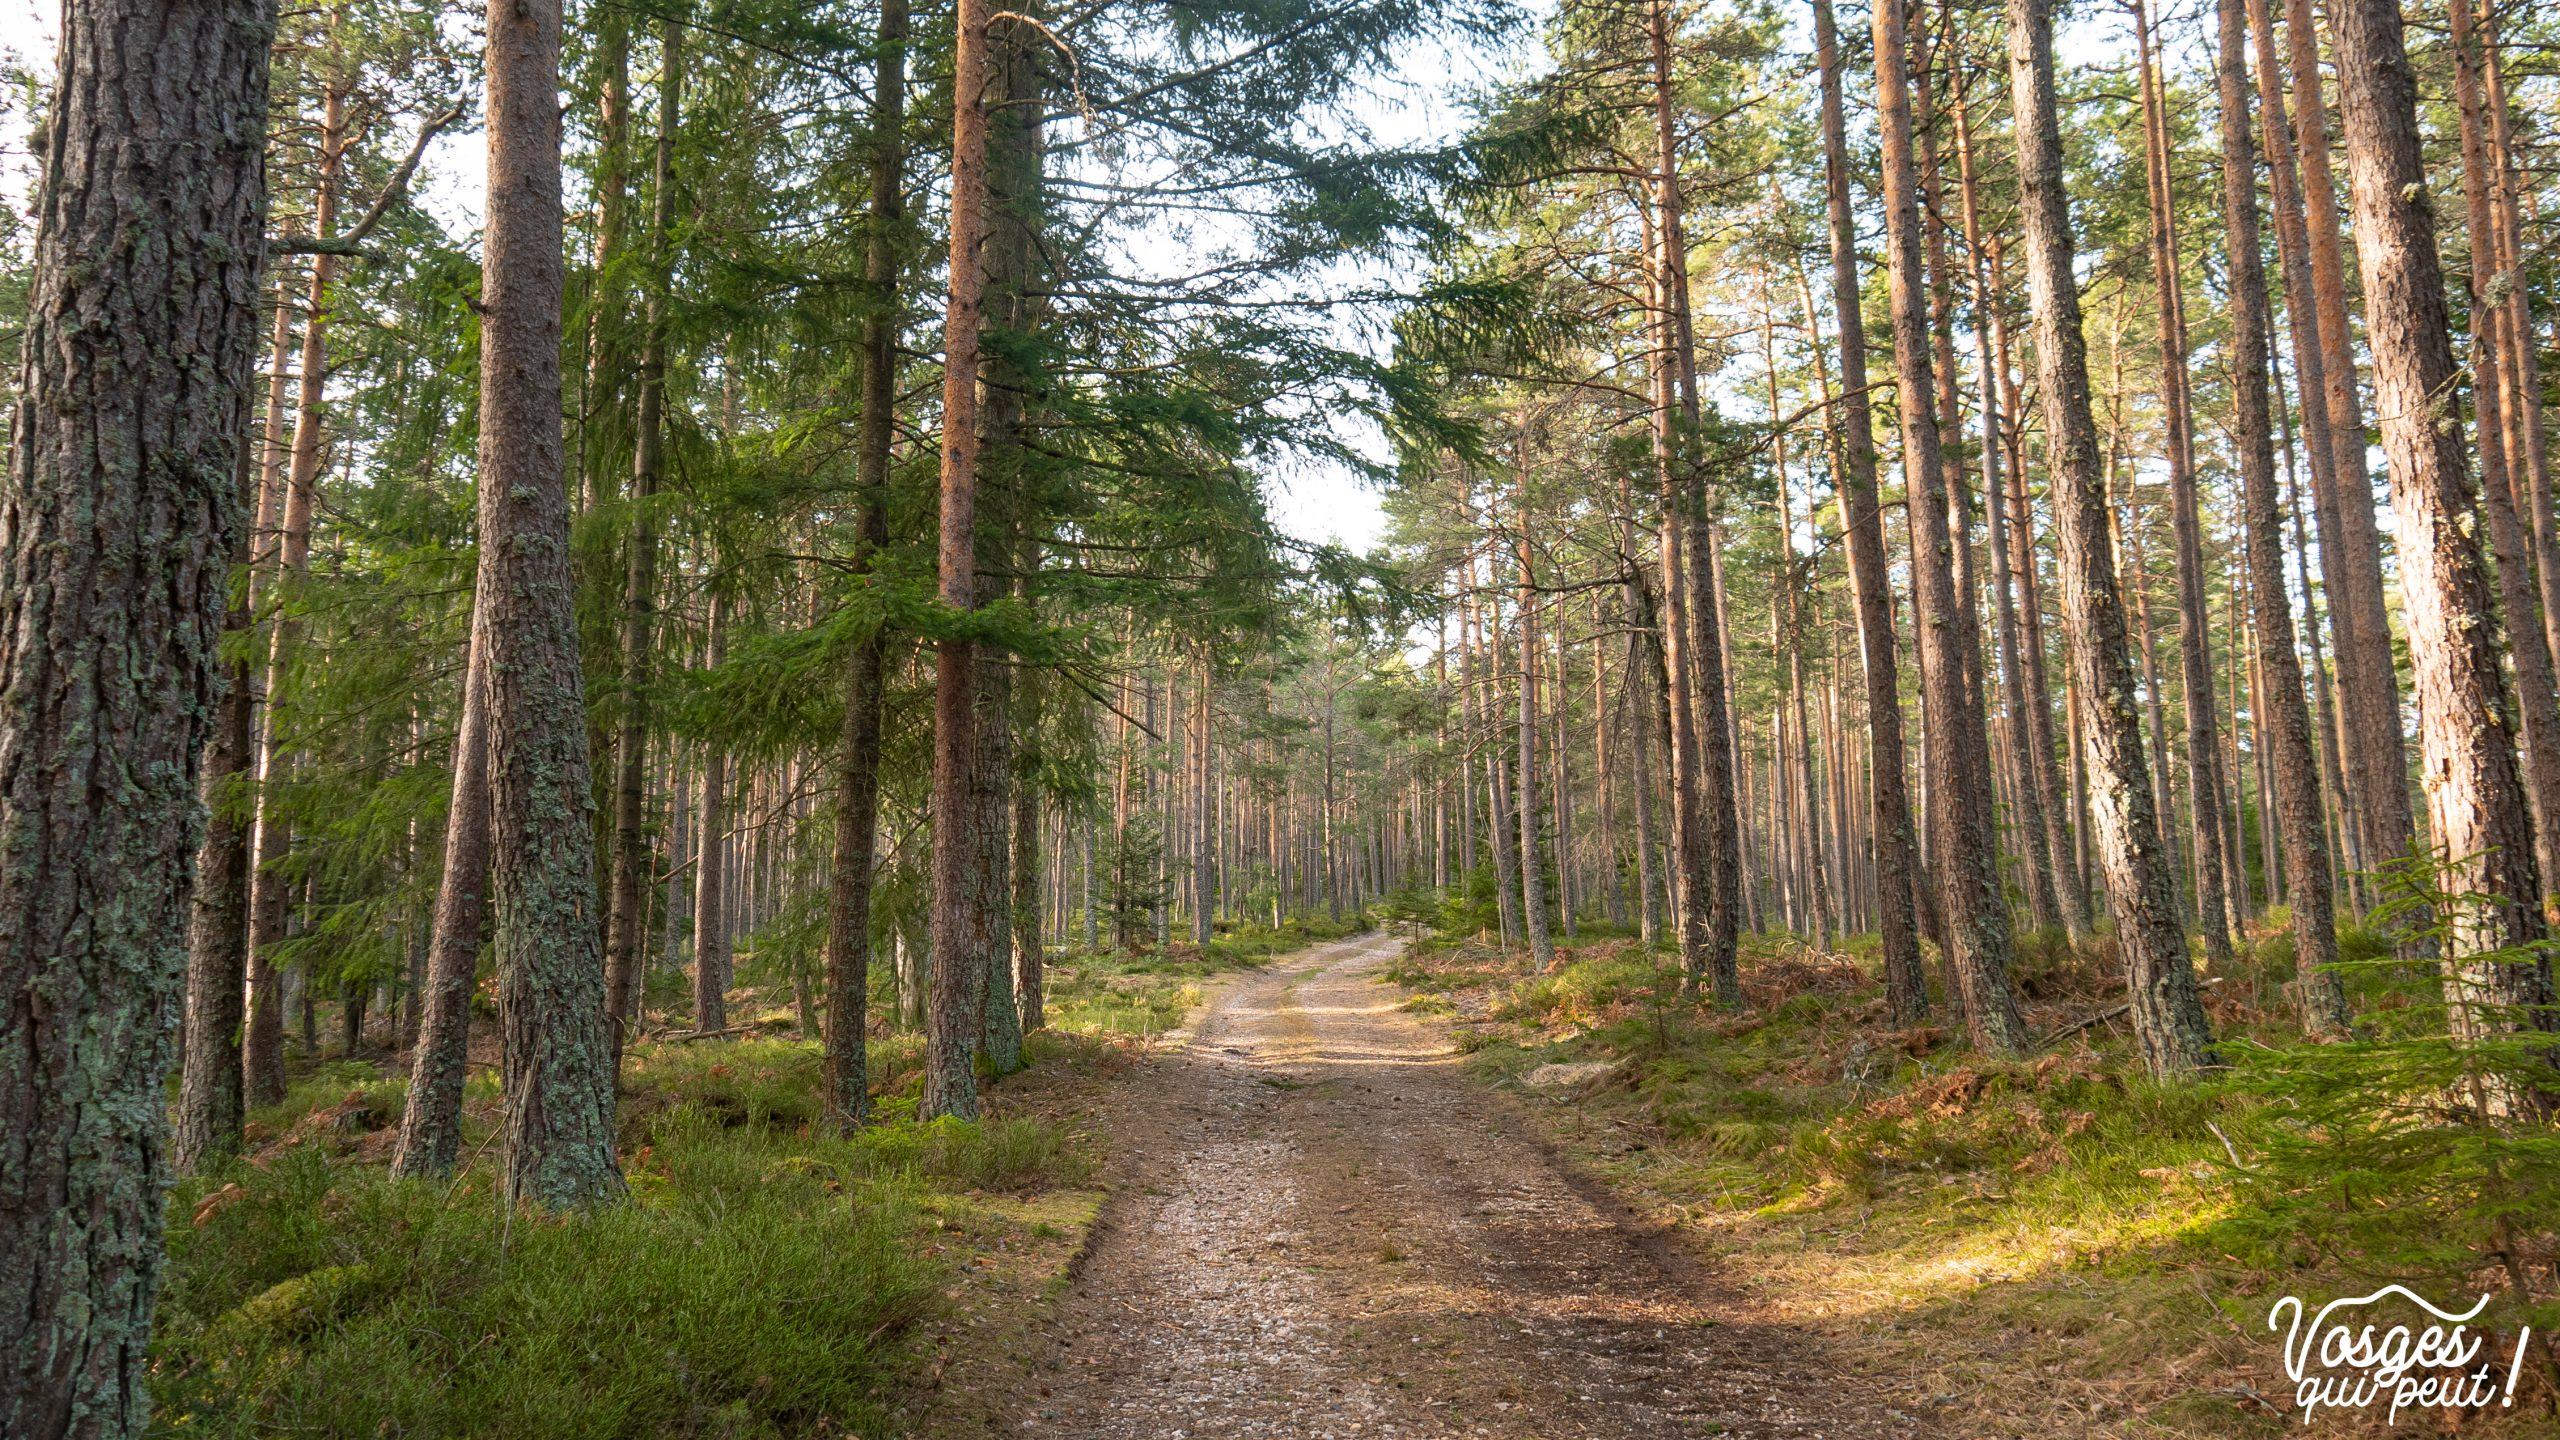 Paysage de forêt dans les Vosges pendant une randonnée